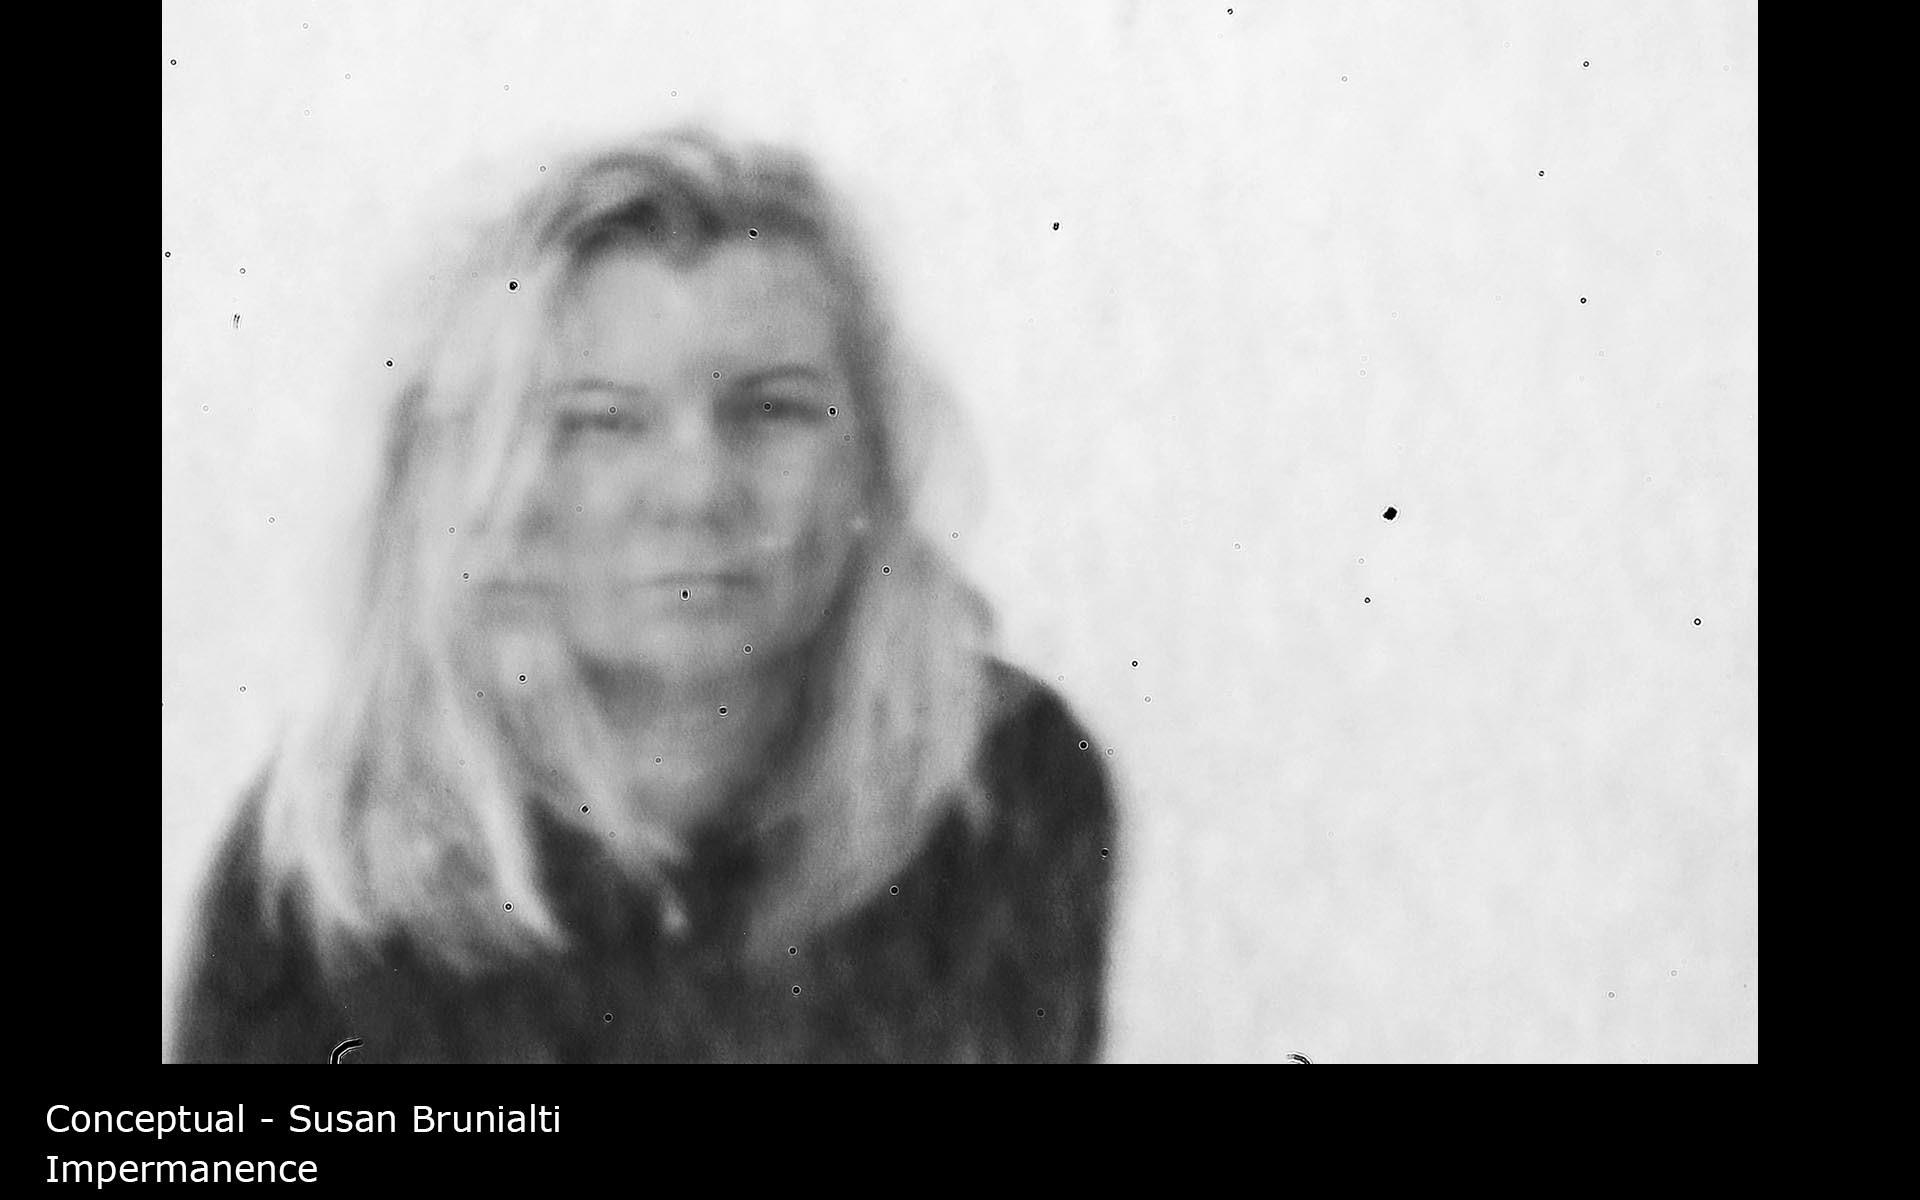 Impermanence - Susan Brunialti